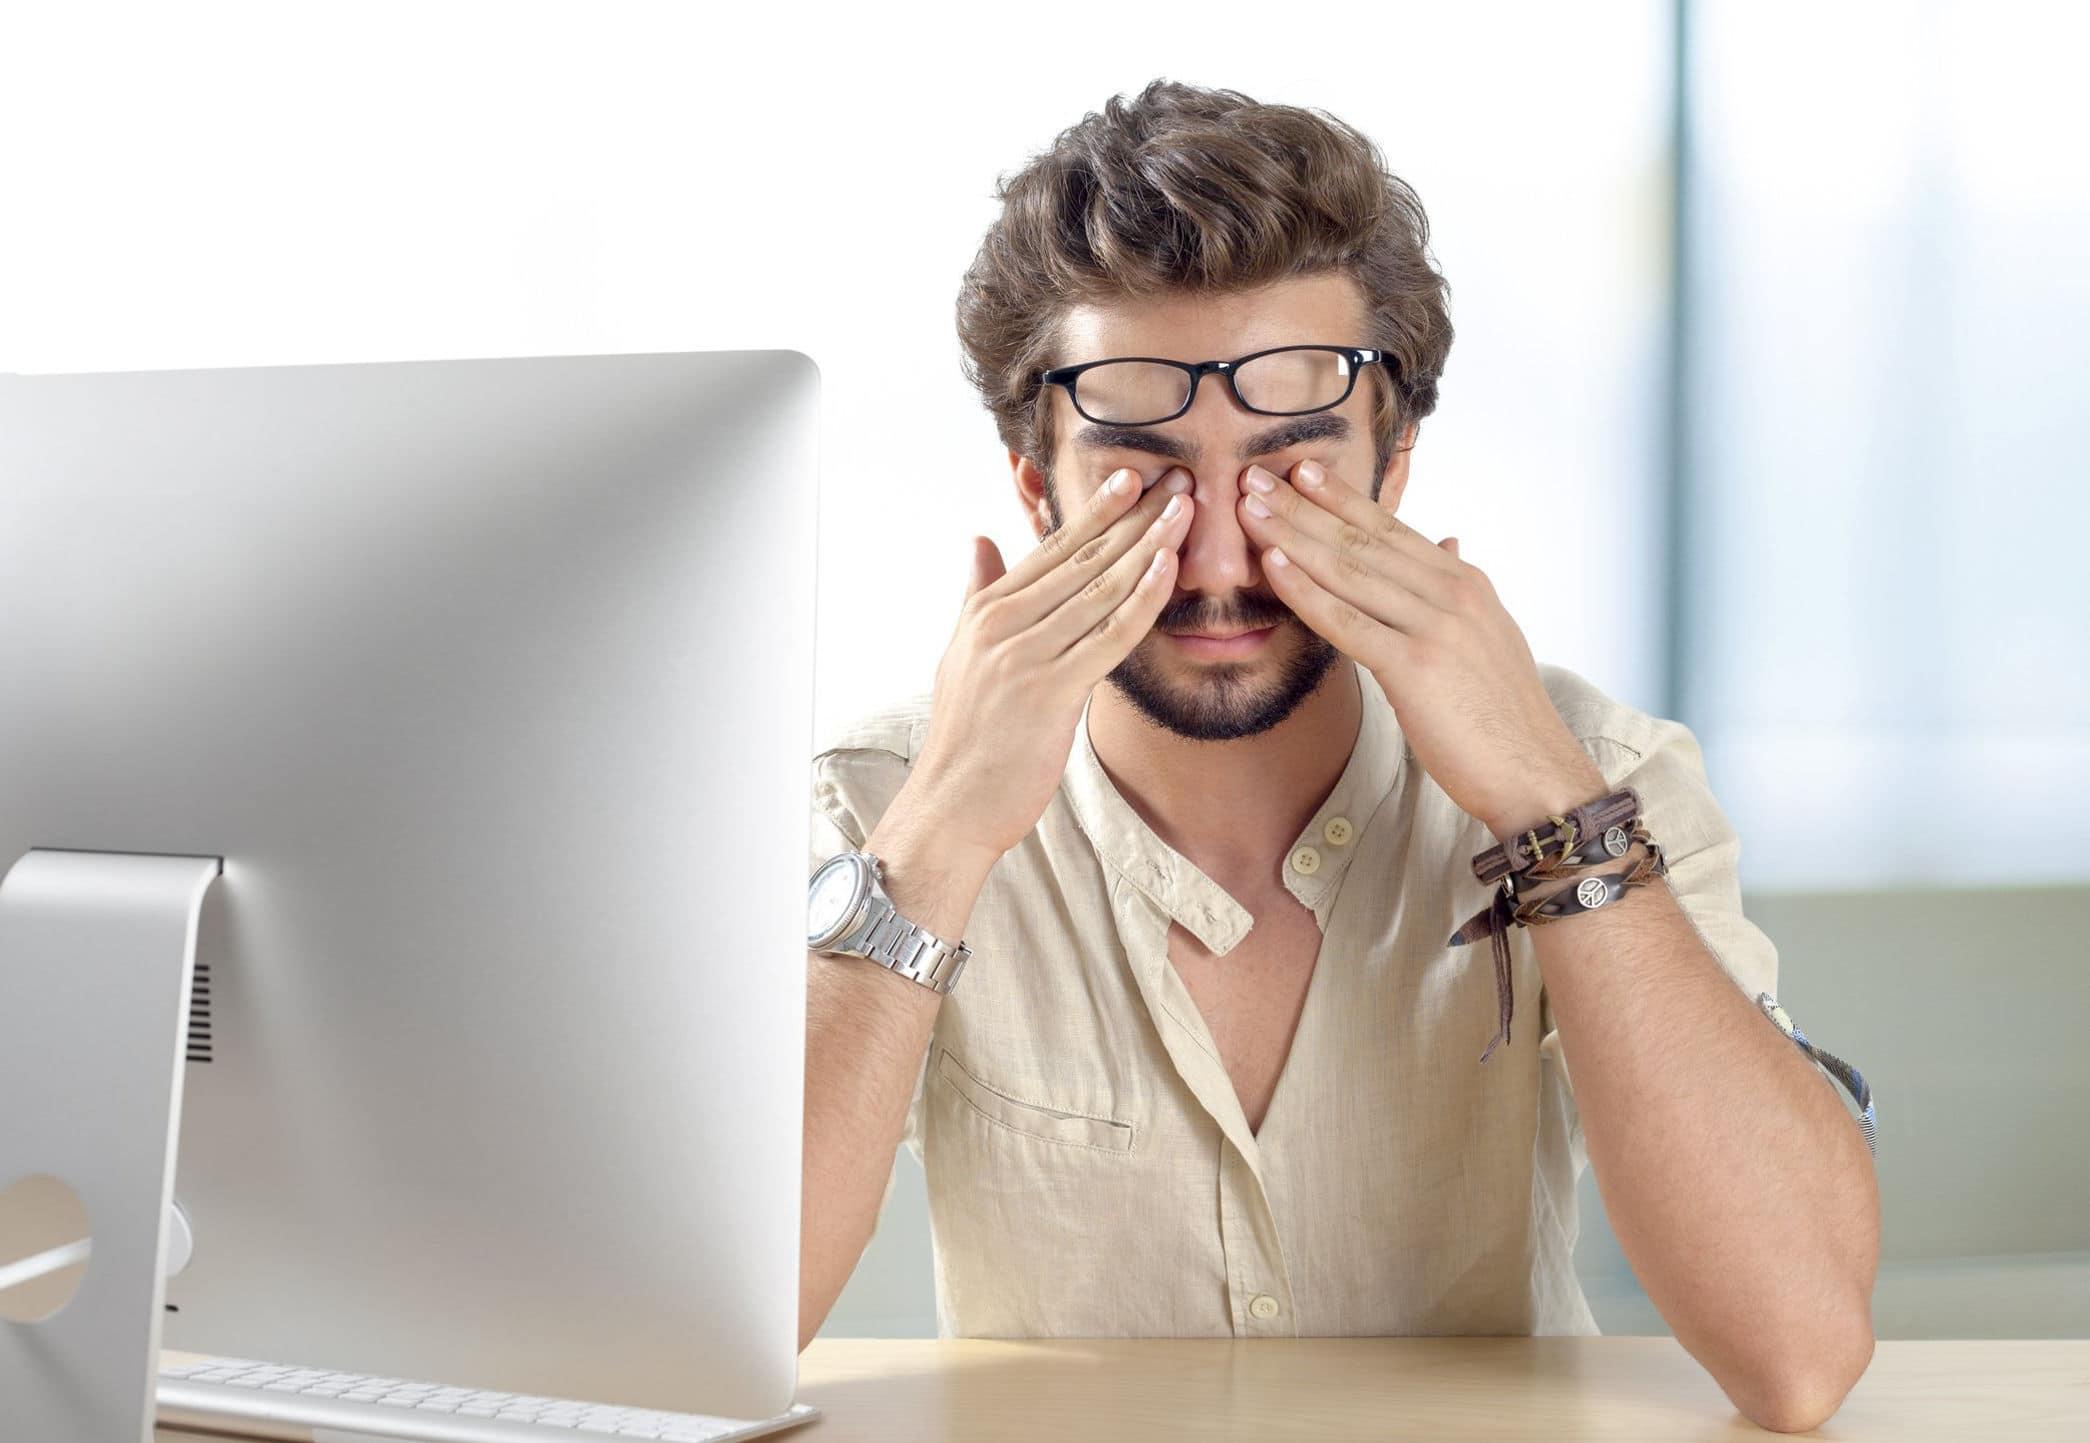 ювелирные почему фотографии на компьютере портятся процента жира организме